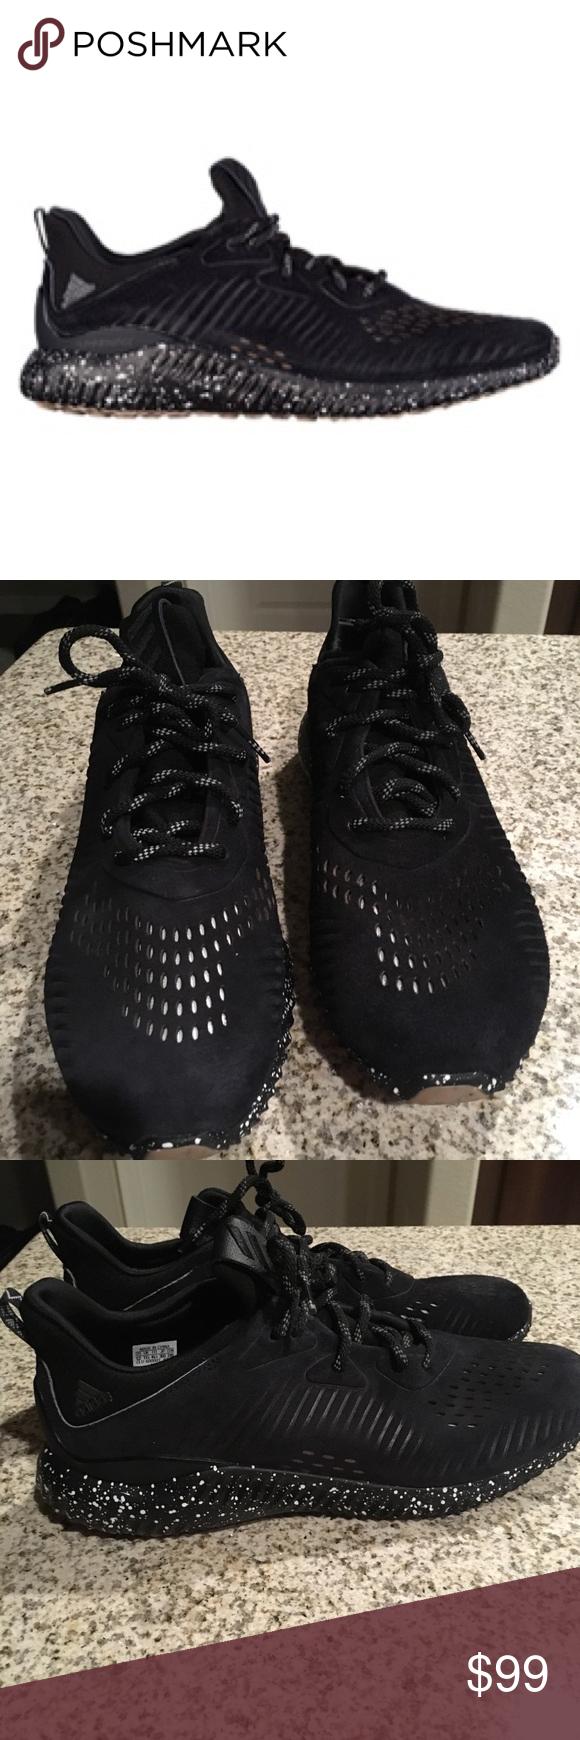 Adidas AlphaBounce lea negro zapatilla zapatos Pinterest